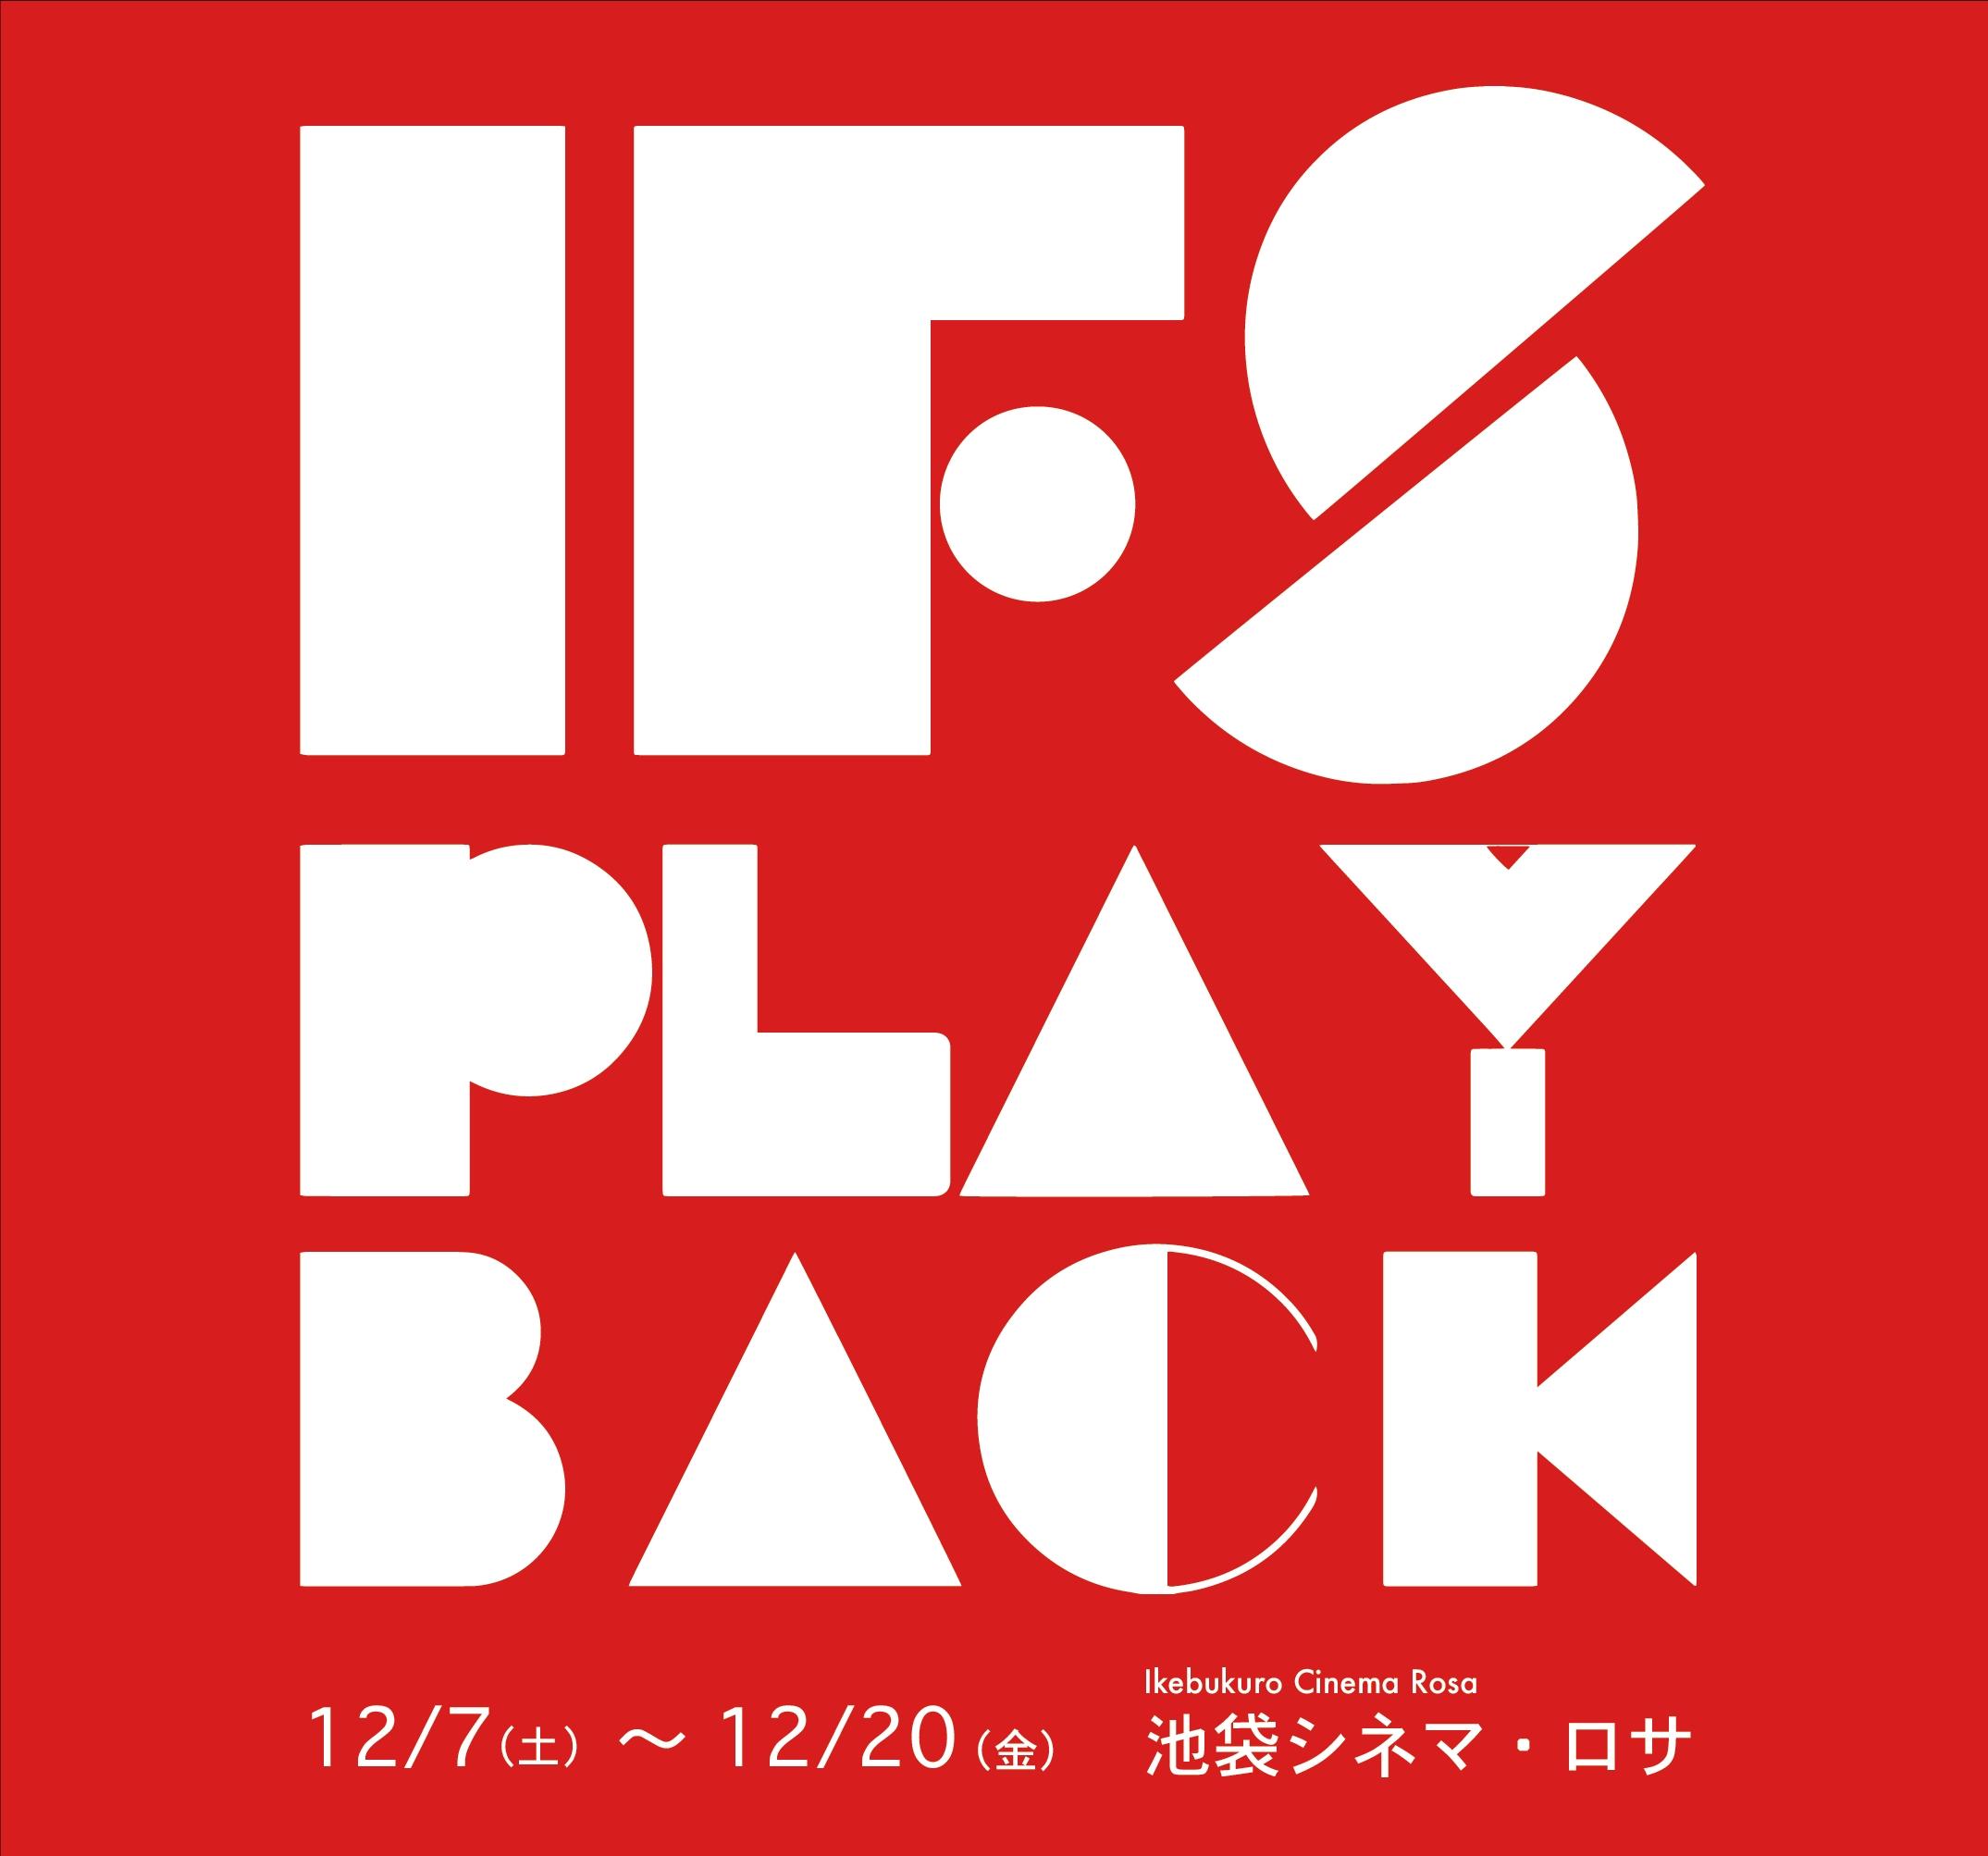 IFS PLAYBACK